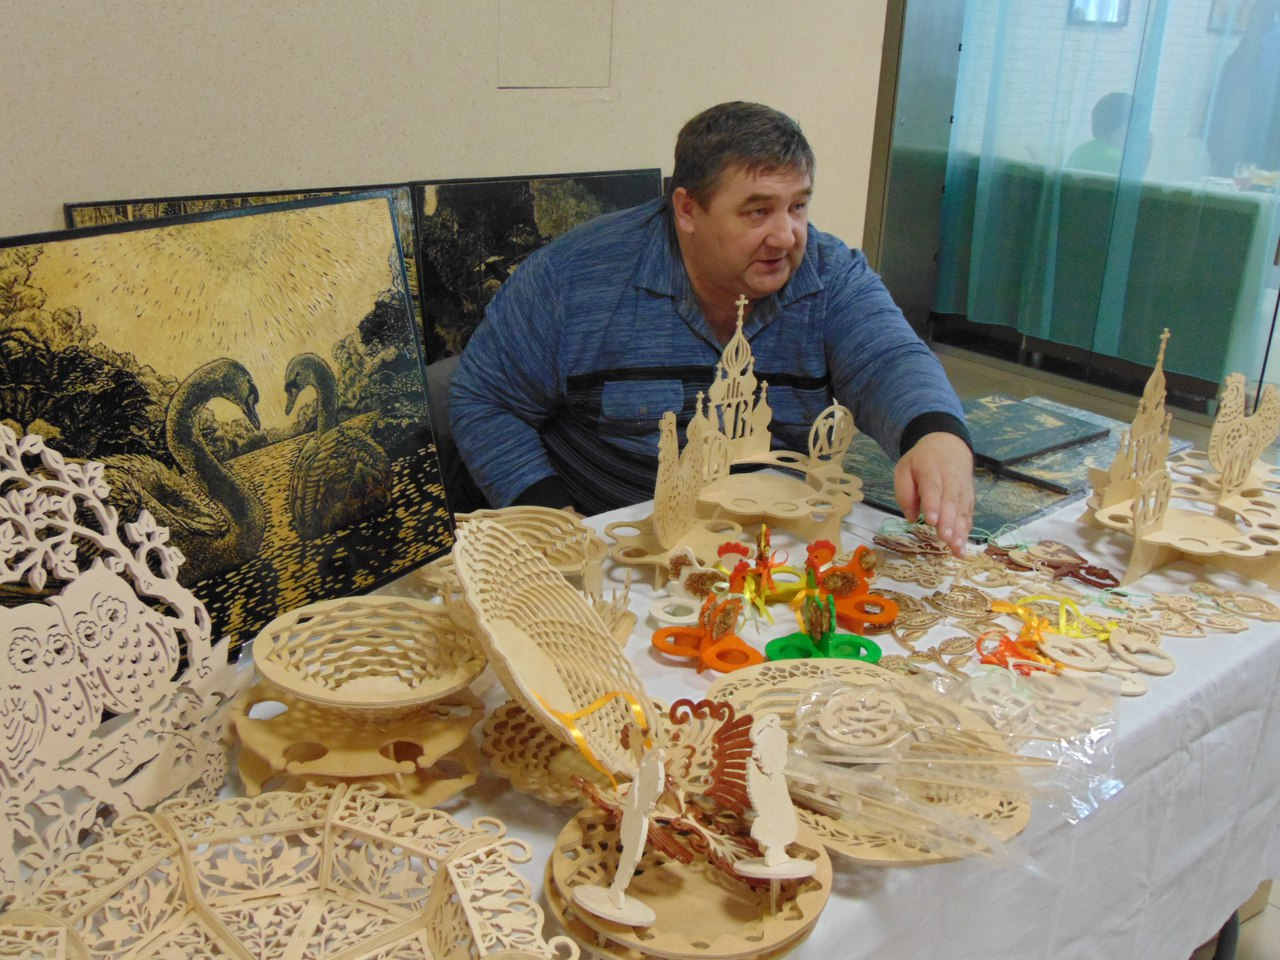 Ярмарка изделий ручной работы прошла в Ялуторовске накануне Пасхи